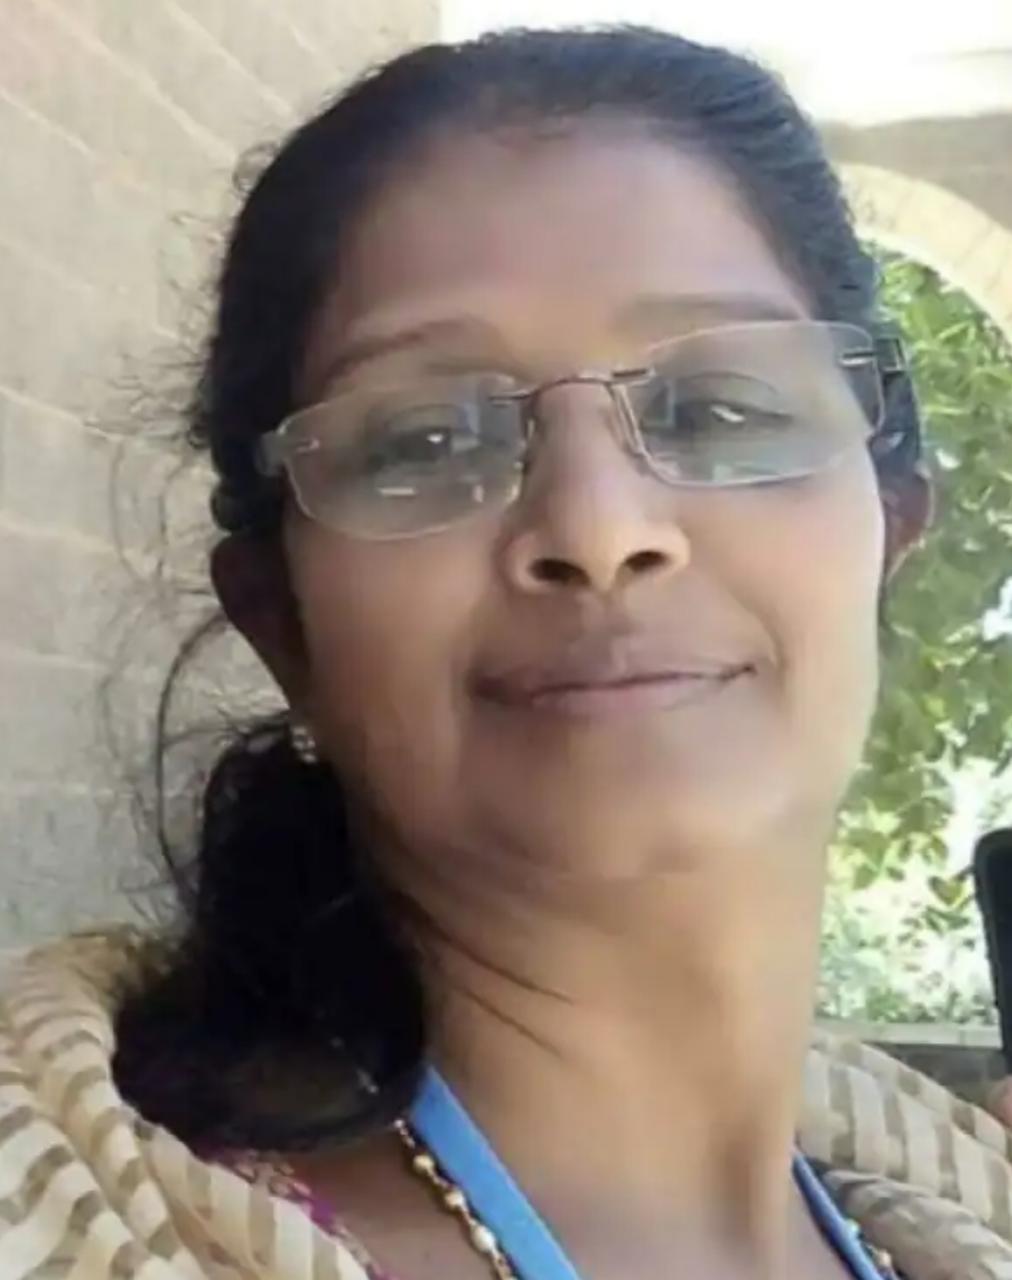 കാറും ലോറിയും ഇടിച്ചു  ചീഫ് സെക്രട്ടറി വി.പി. ജോയിയുടെ സഹോദരി മരിച്ചു